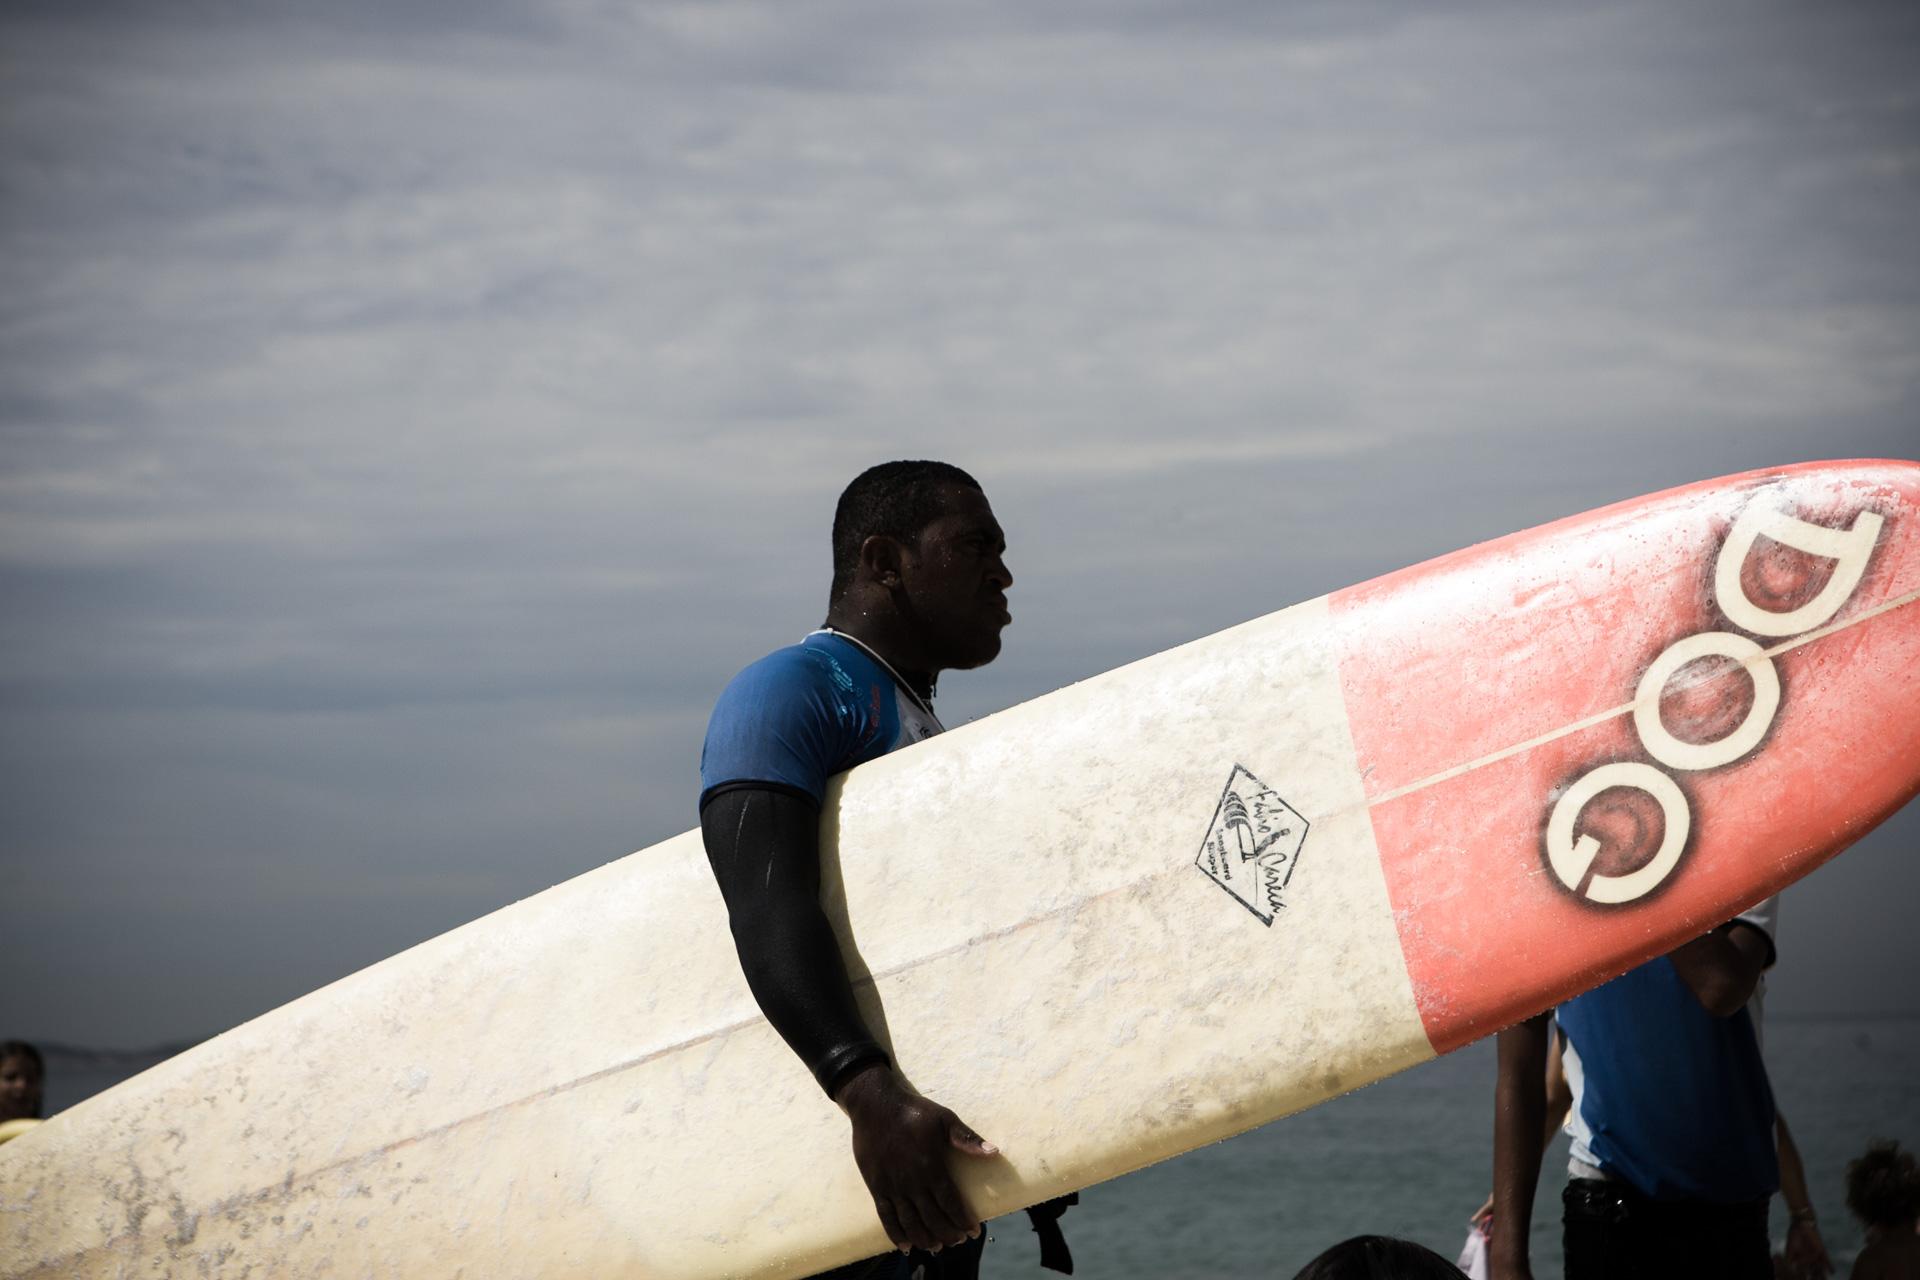 SURFER POUR UN PEU D'ESPOIR